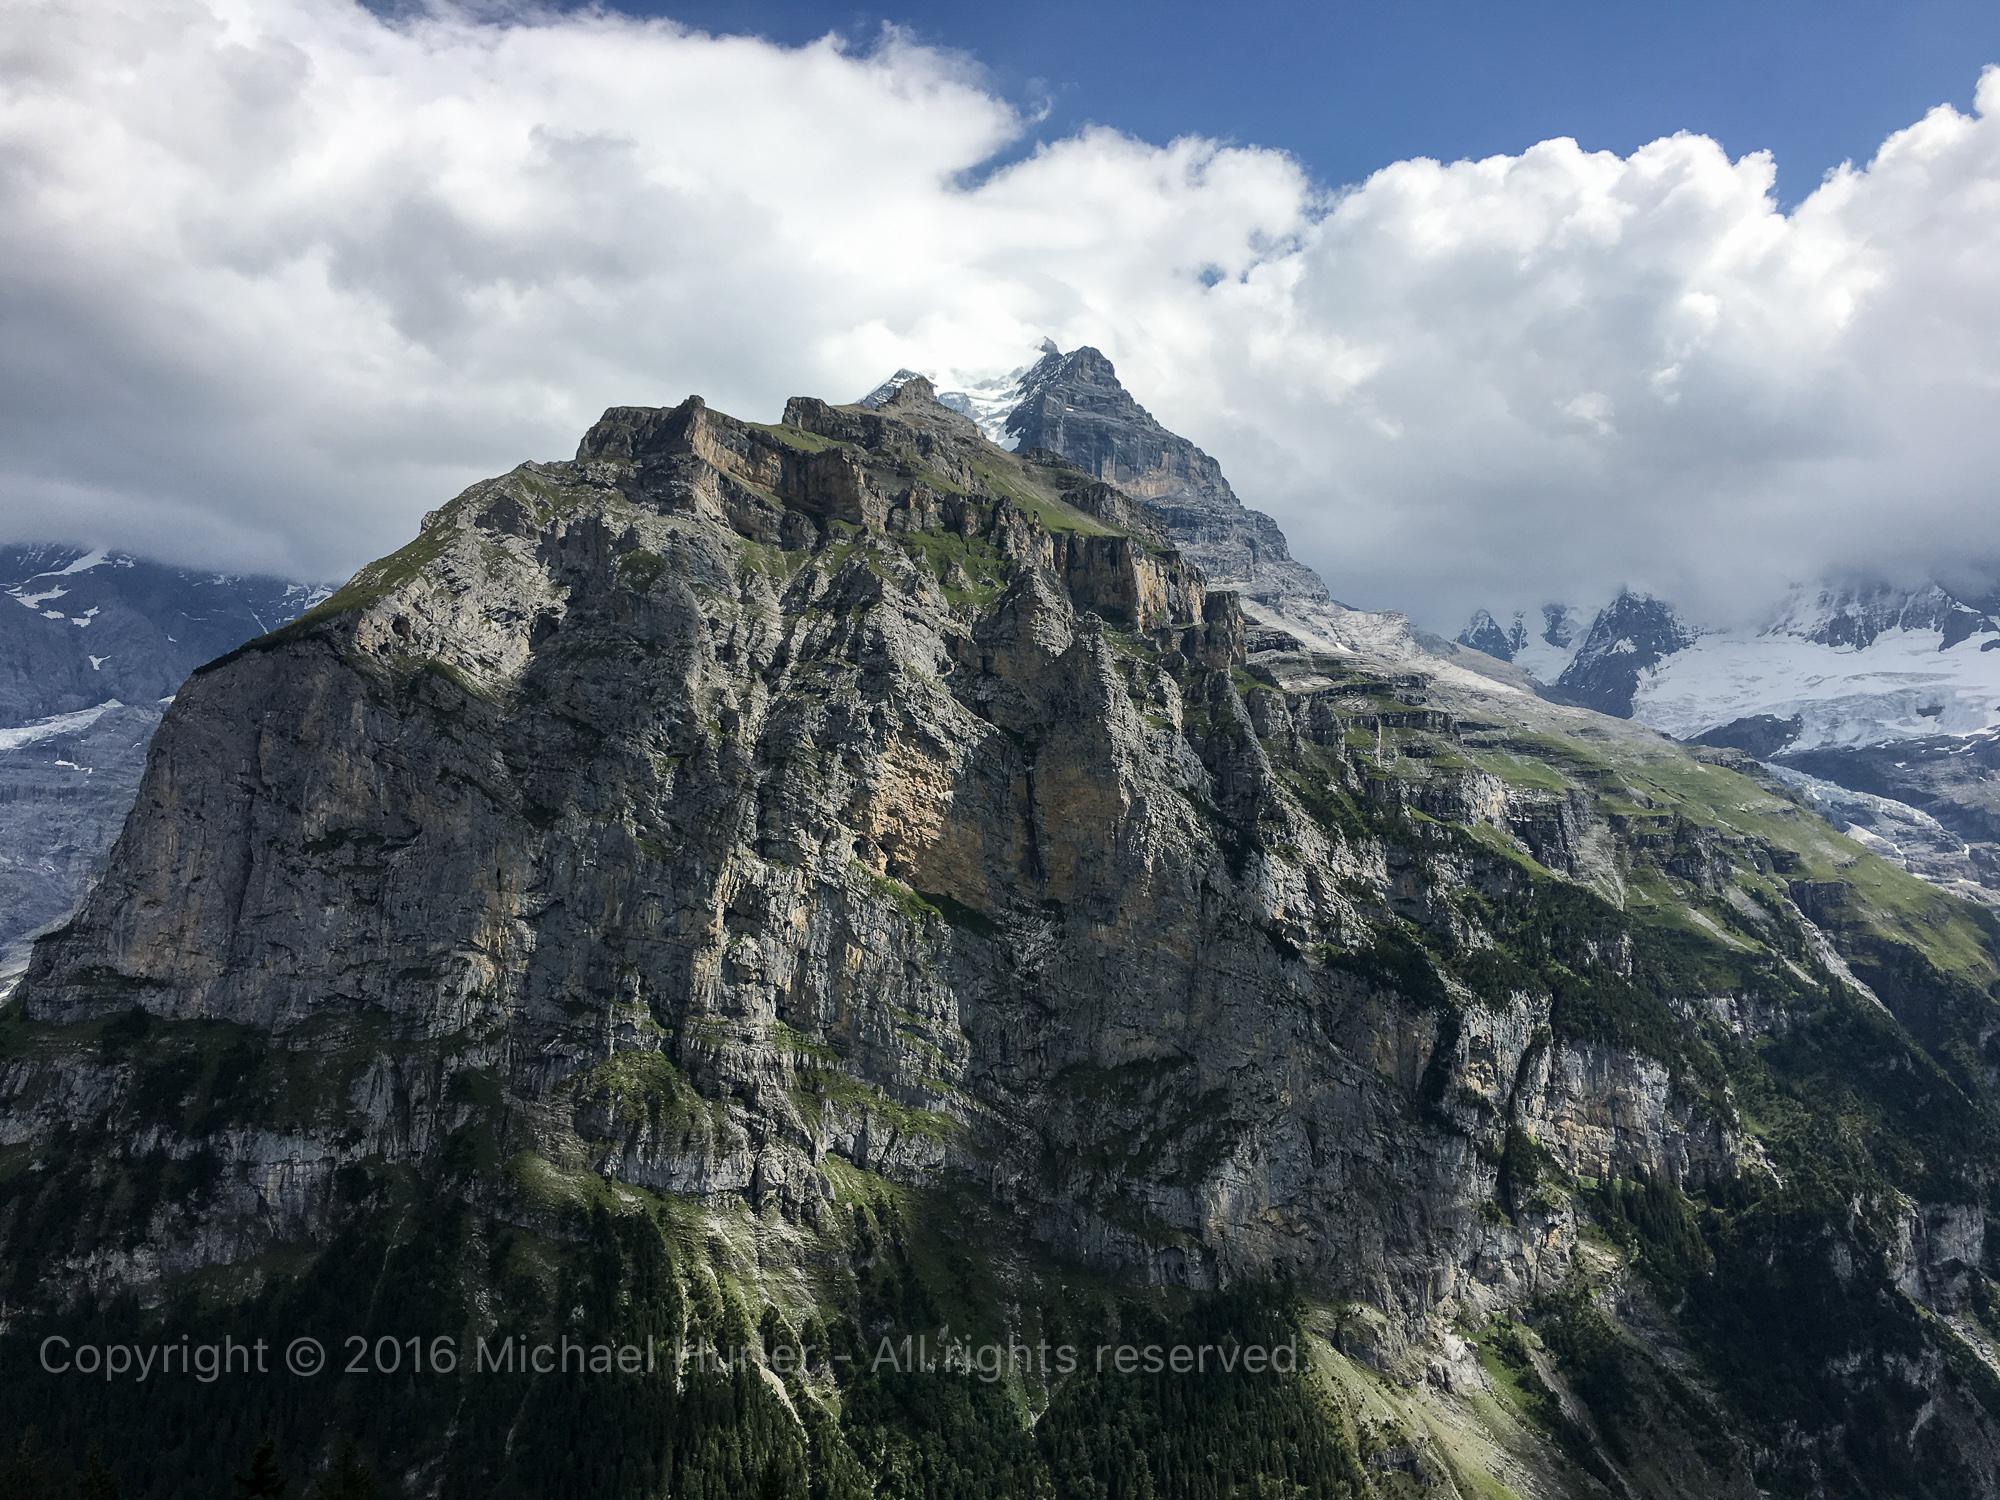 17.08.2016, Bärentrek - Von Mürren nach Kandersteg, Blick in Richtung Jungfrau